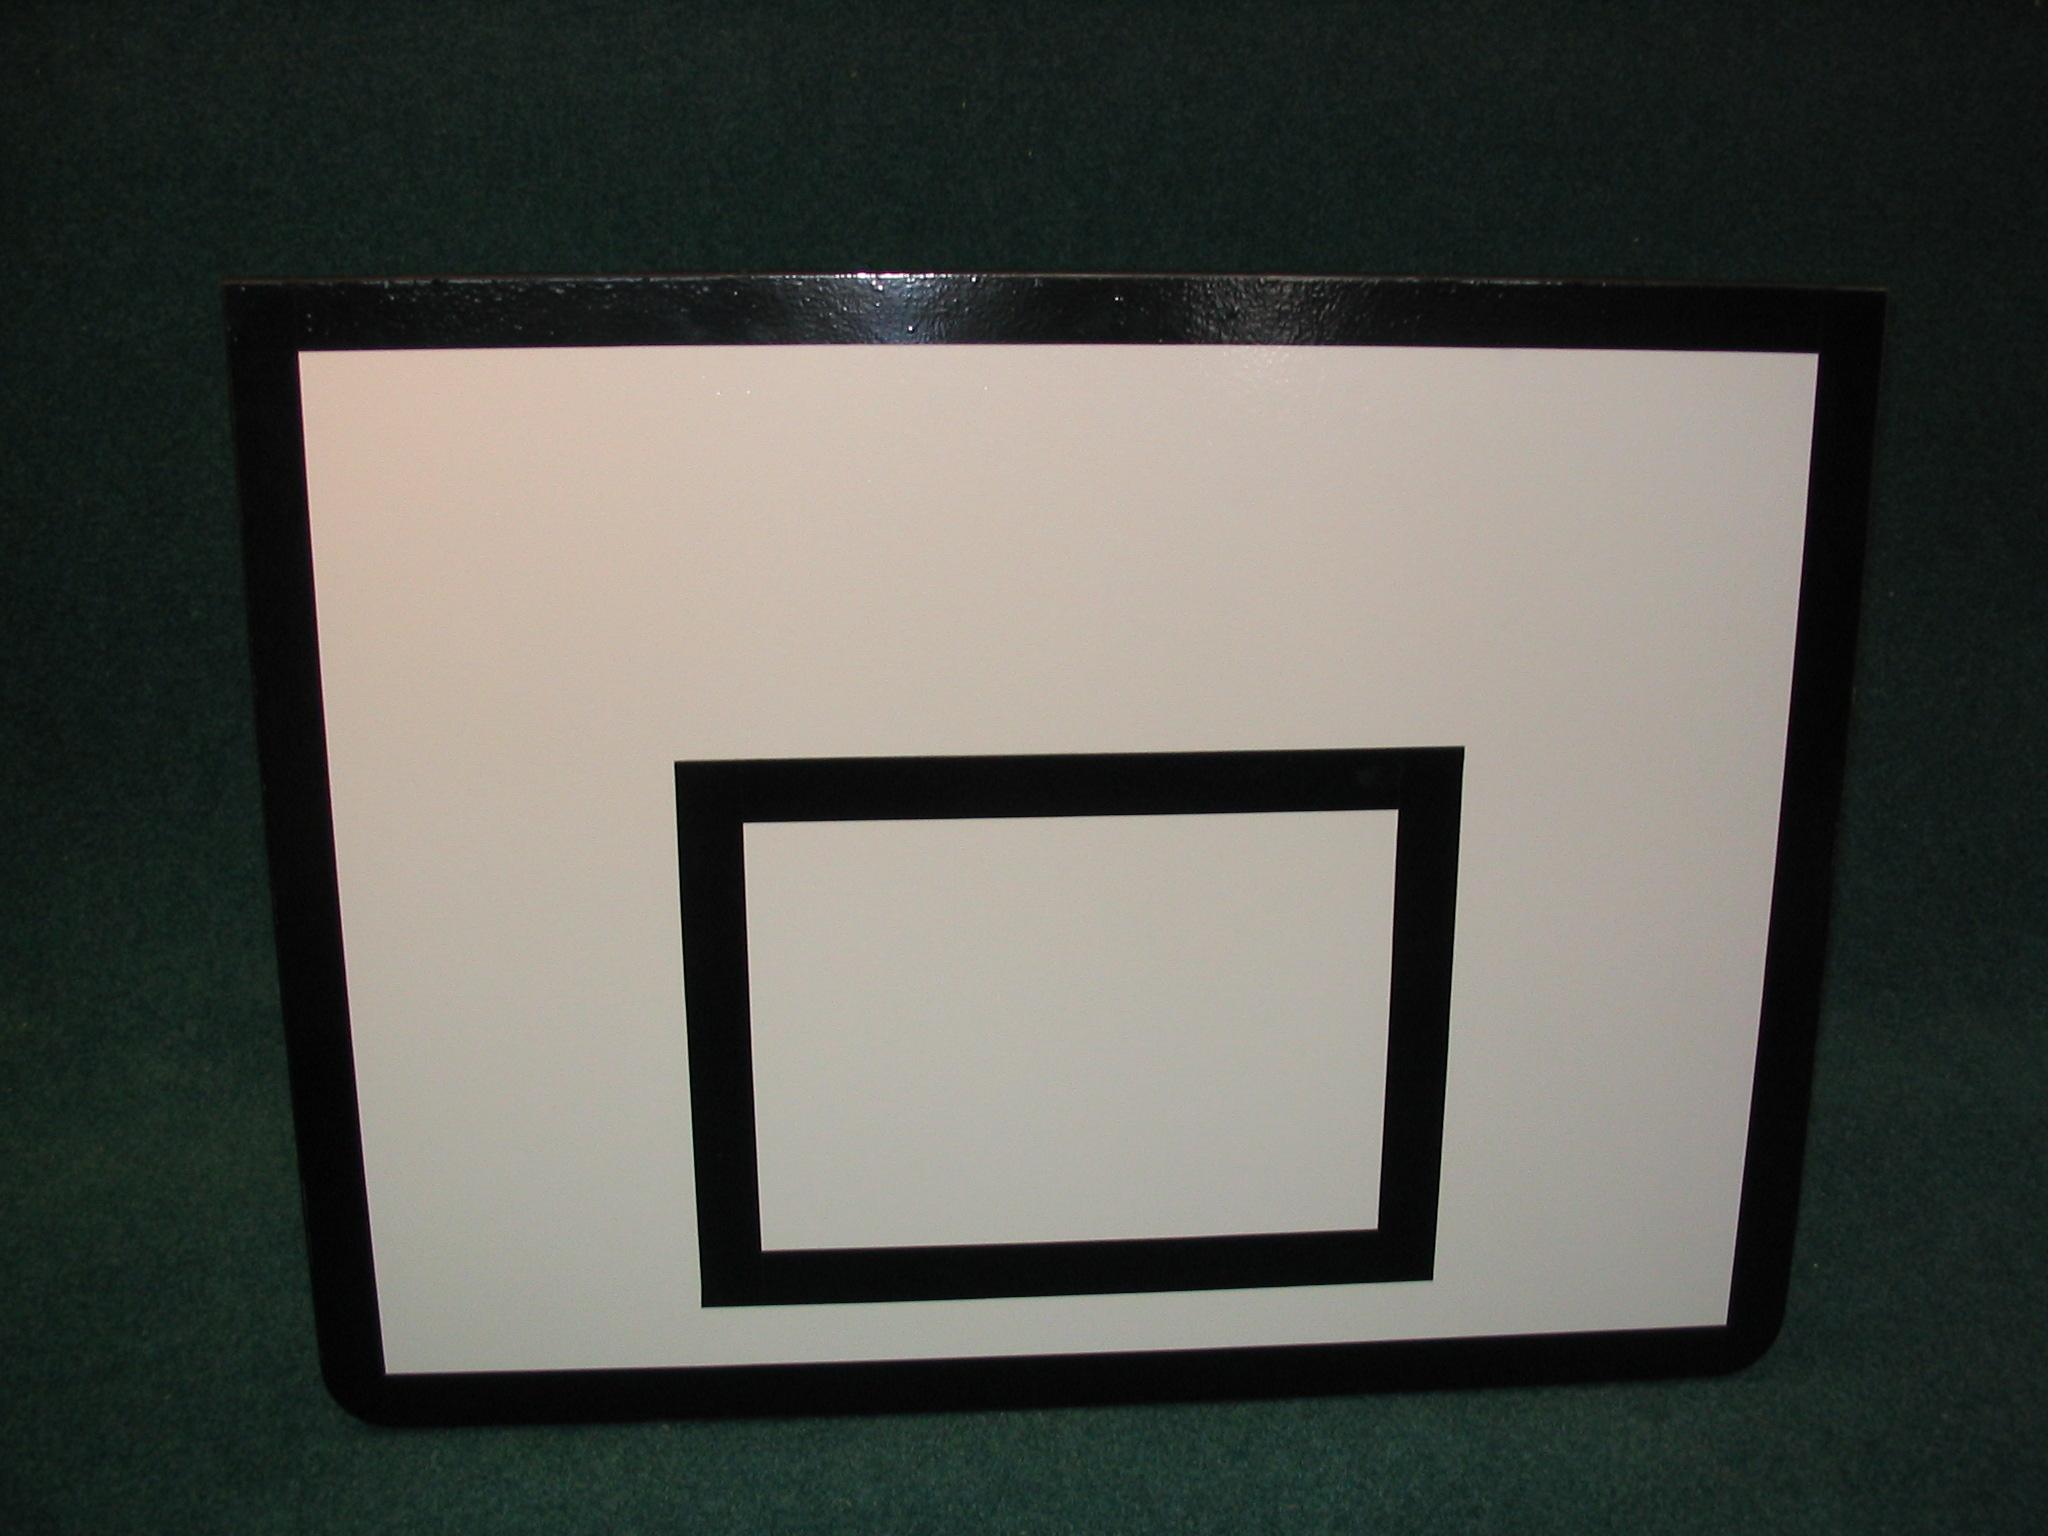 Basketbalová doska = 180 x 120 cm, vnútorná